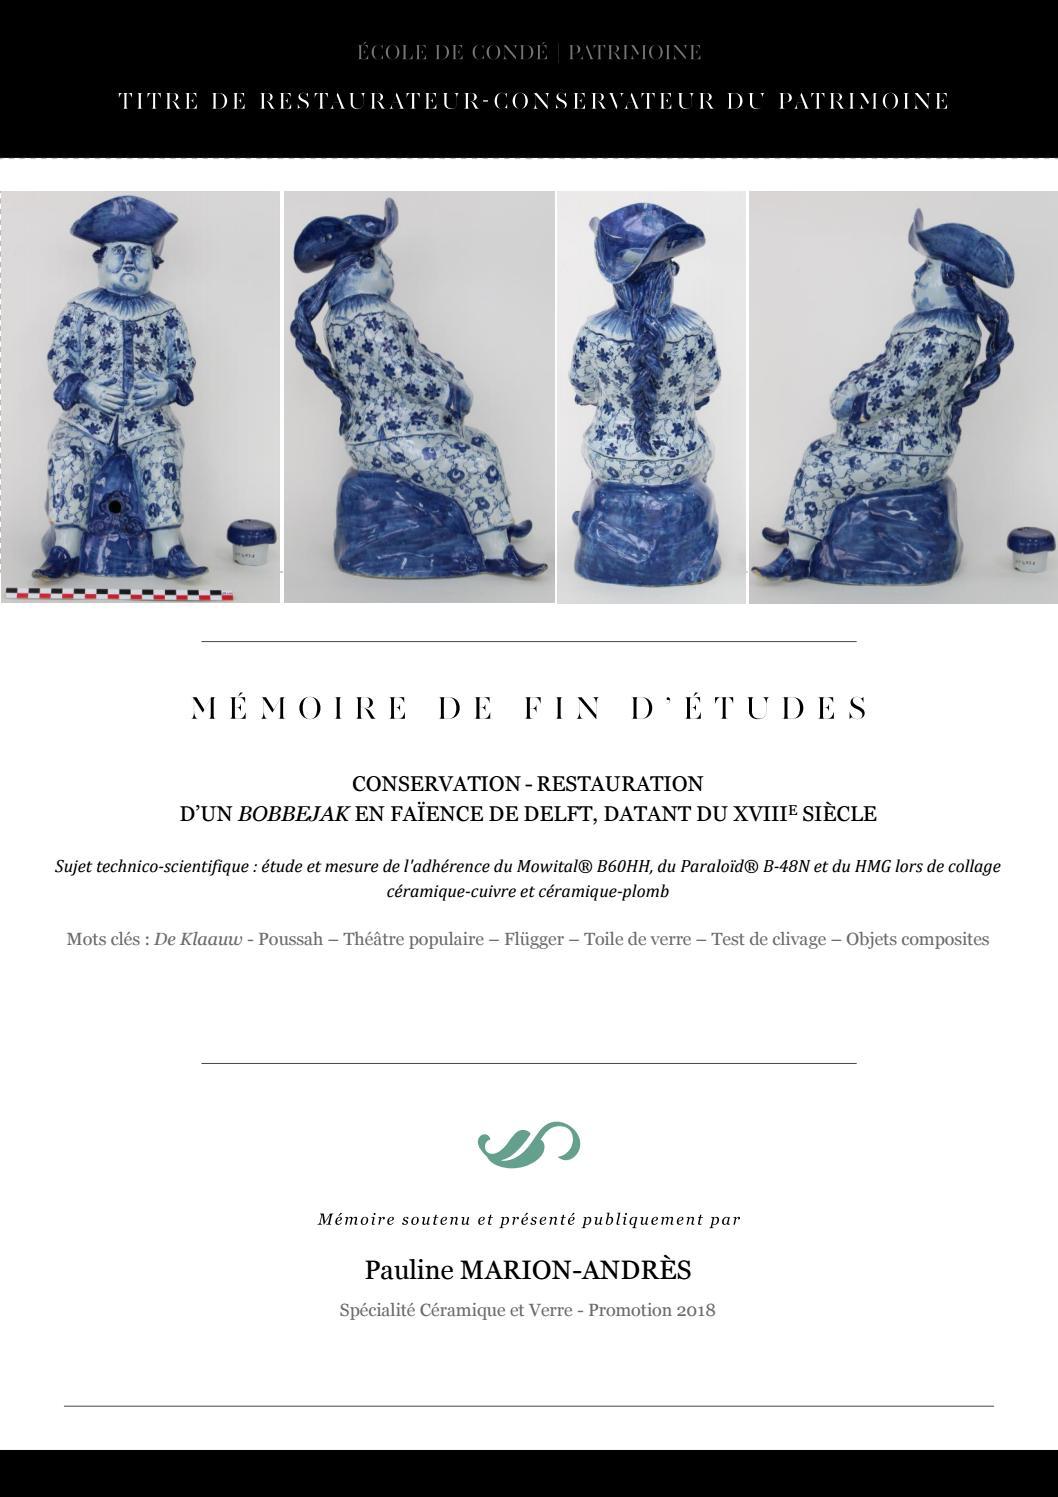 Soucoupe 15,5 cm Atelier Noir thomas porcelaine